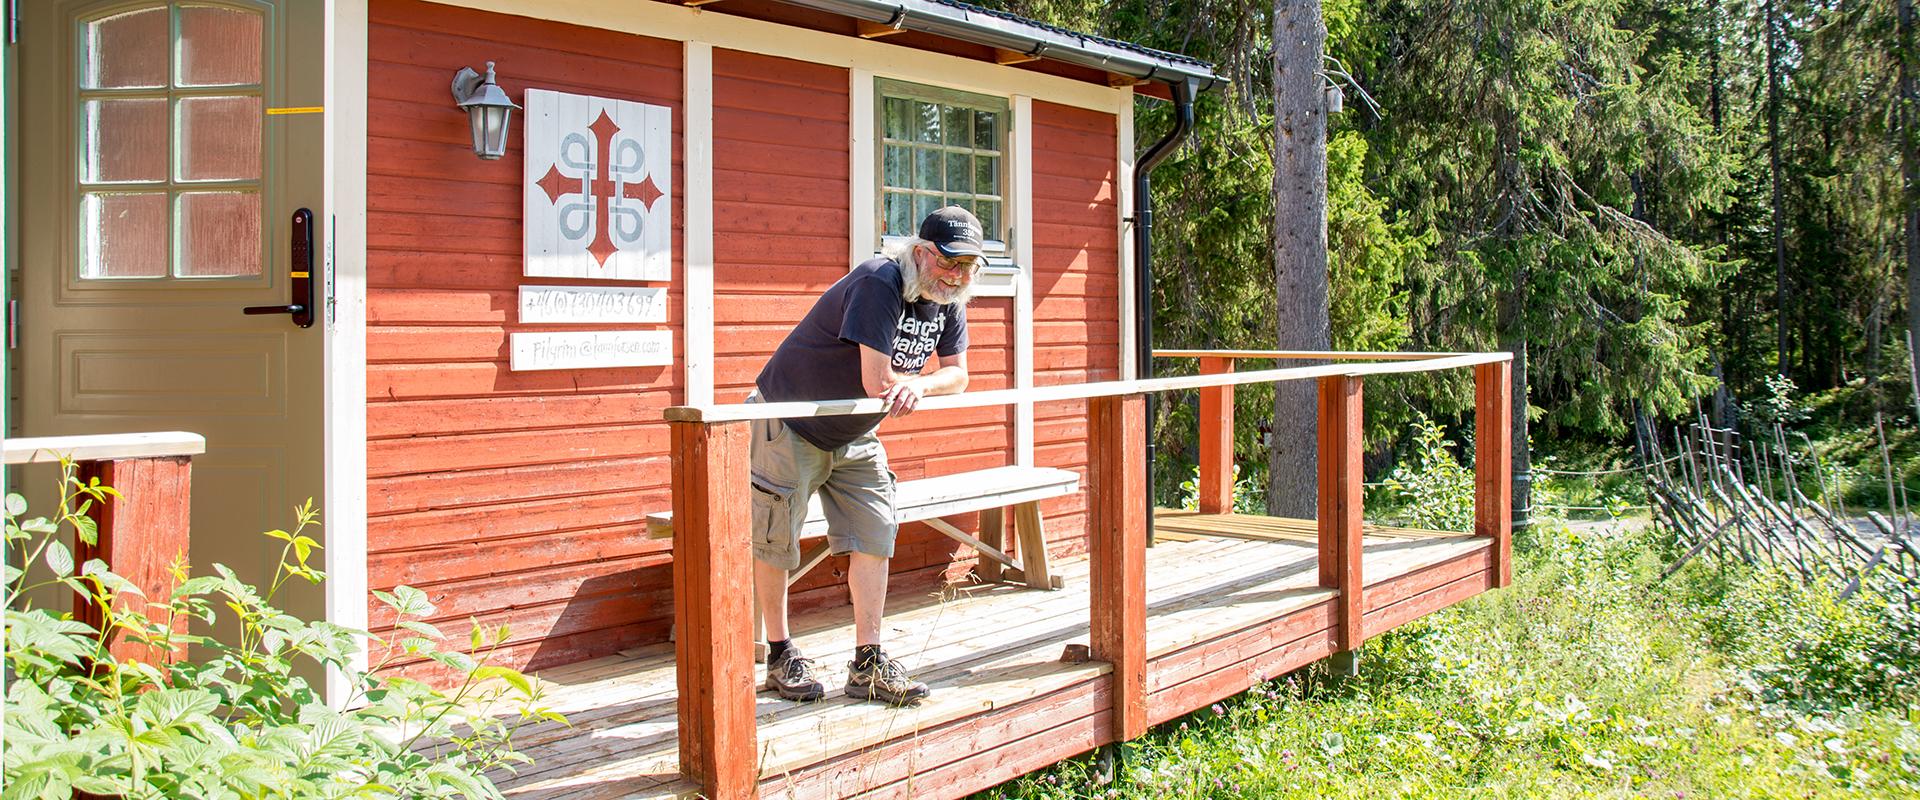 A man standing in front of a red house near Tännforsen.